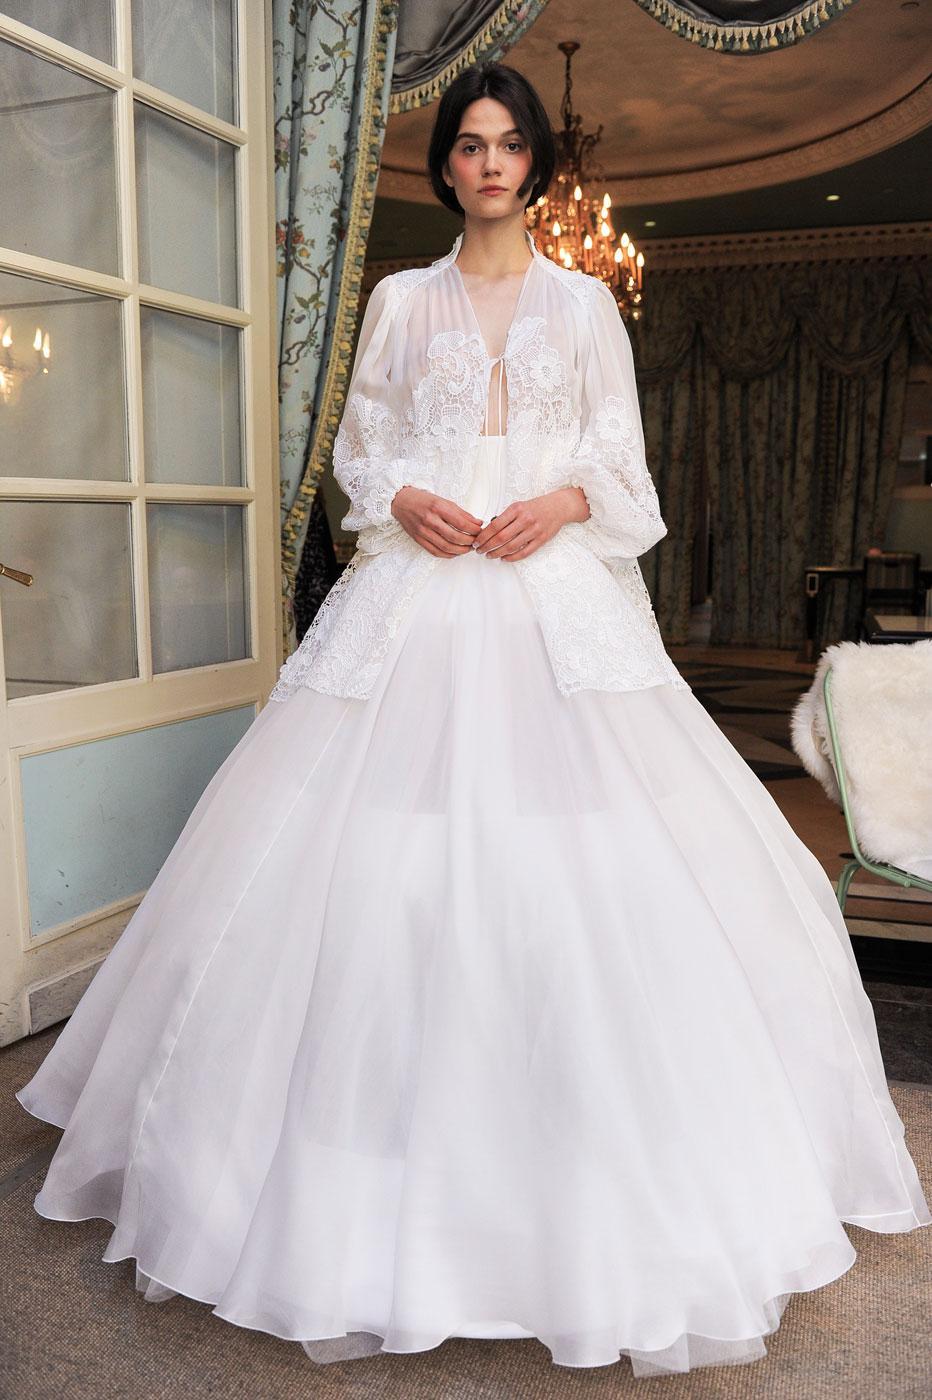 divers design taille 7 profiter de gros rabais Que faire de sa robe de mariée après le jour J ? - Madame Figaro